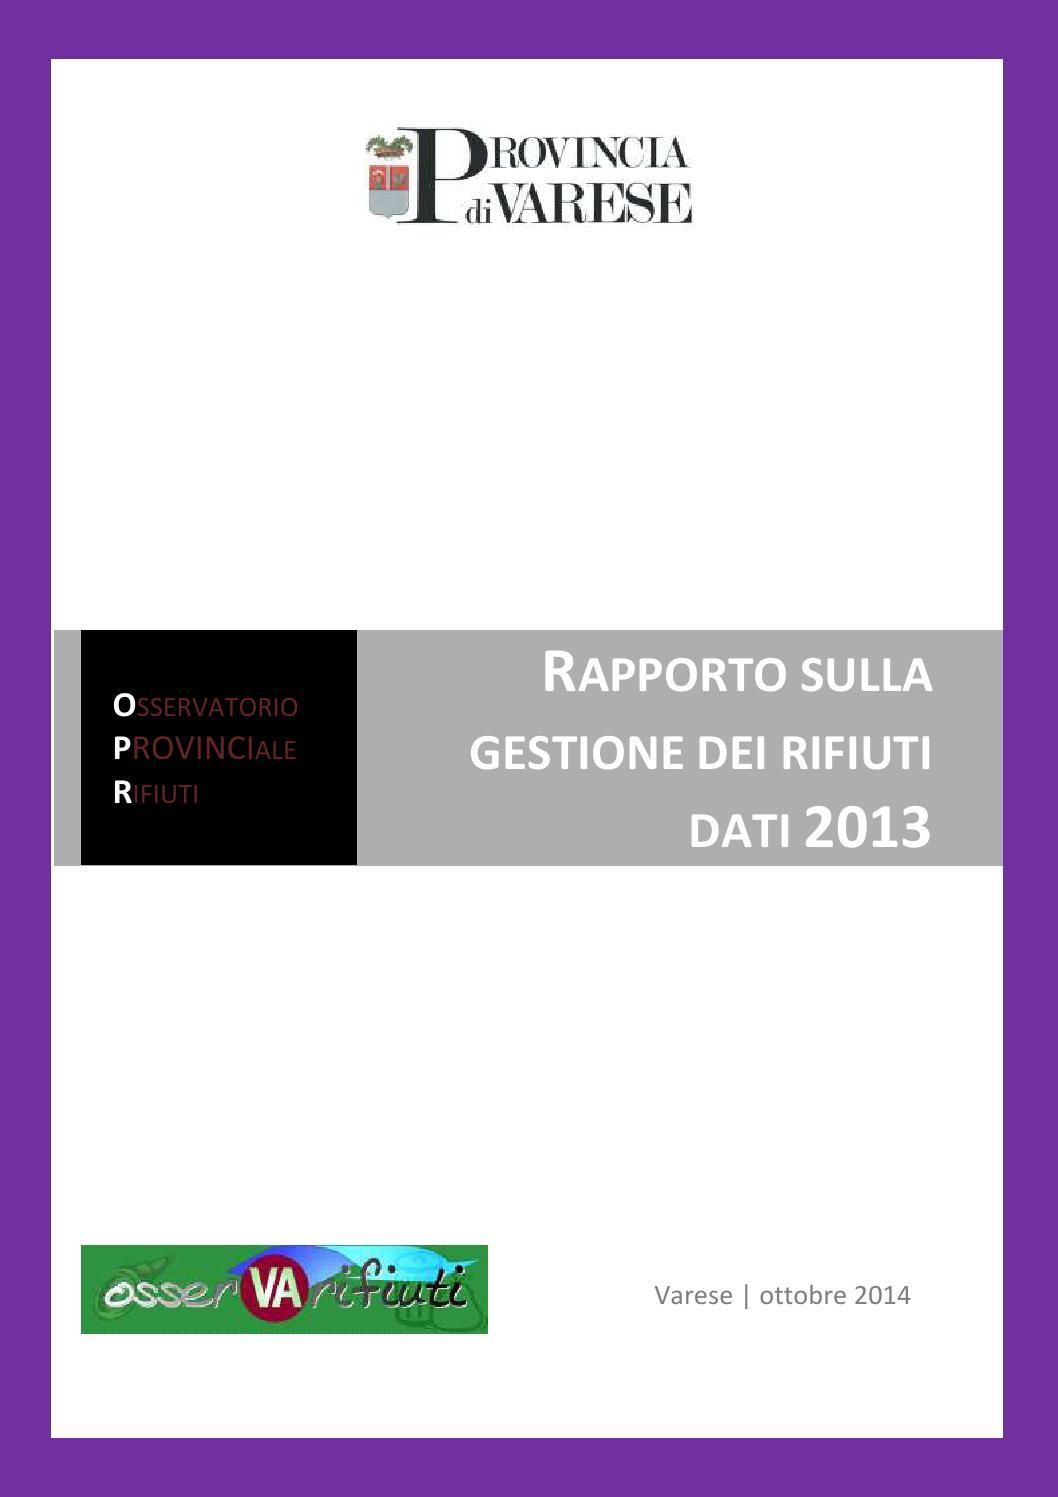 Calendario Coinger 2020.Rapporto Rifiuti Provincia Di Varese Dati 2013 By Giorgio